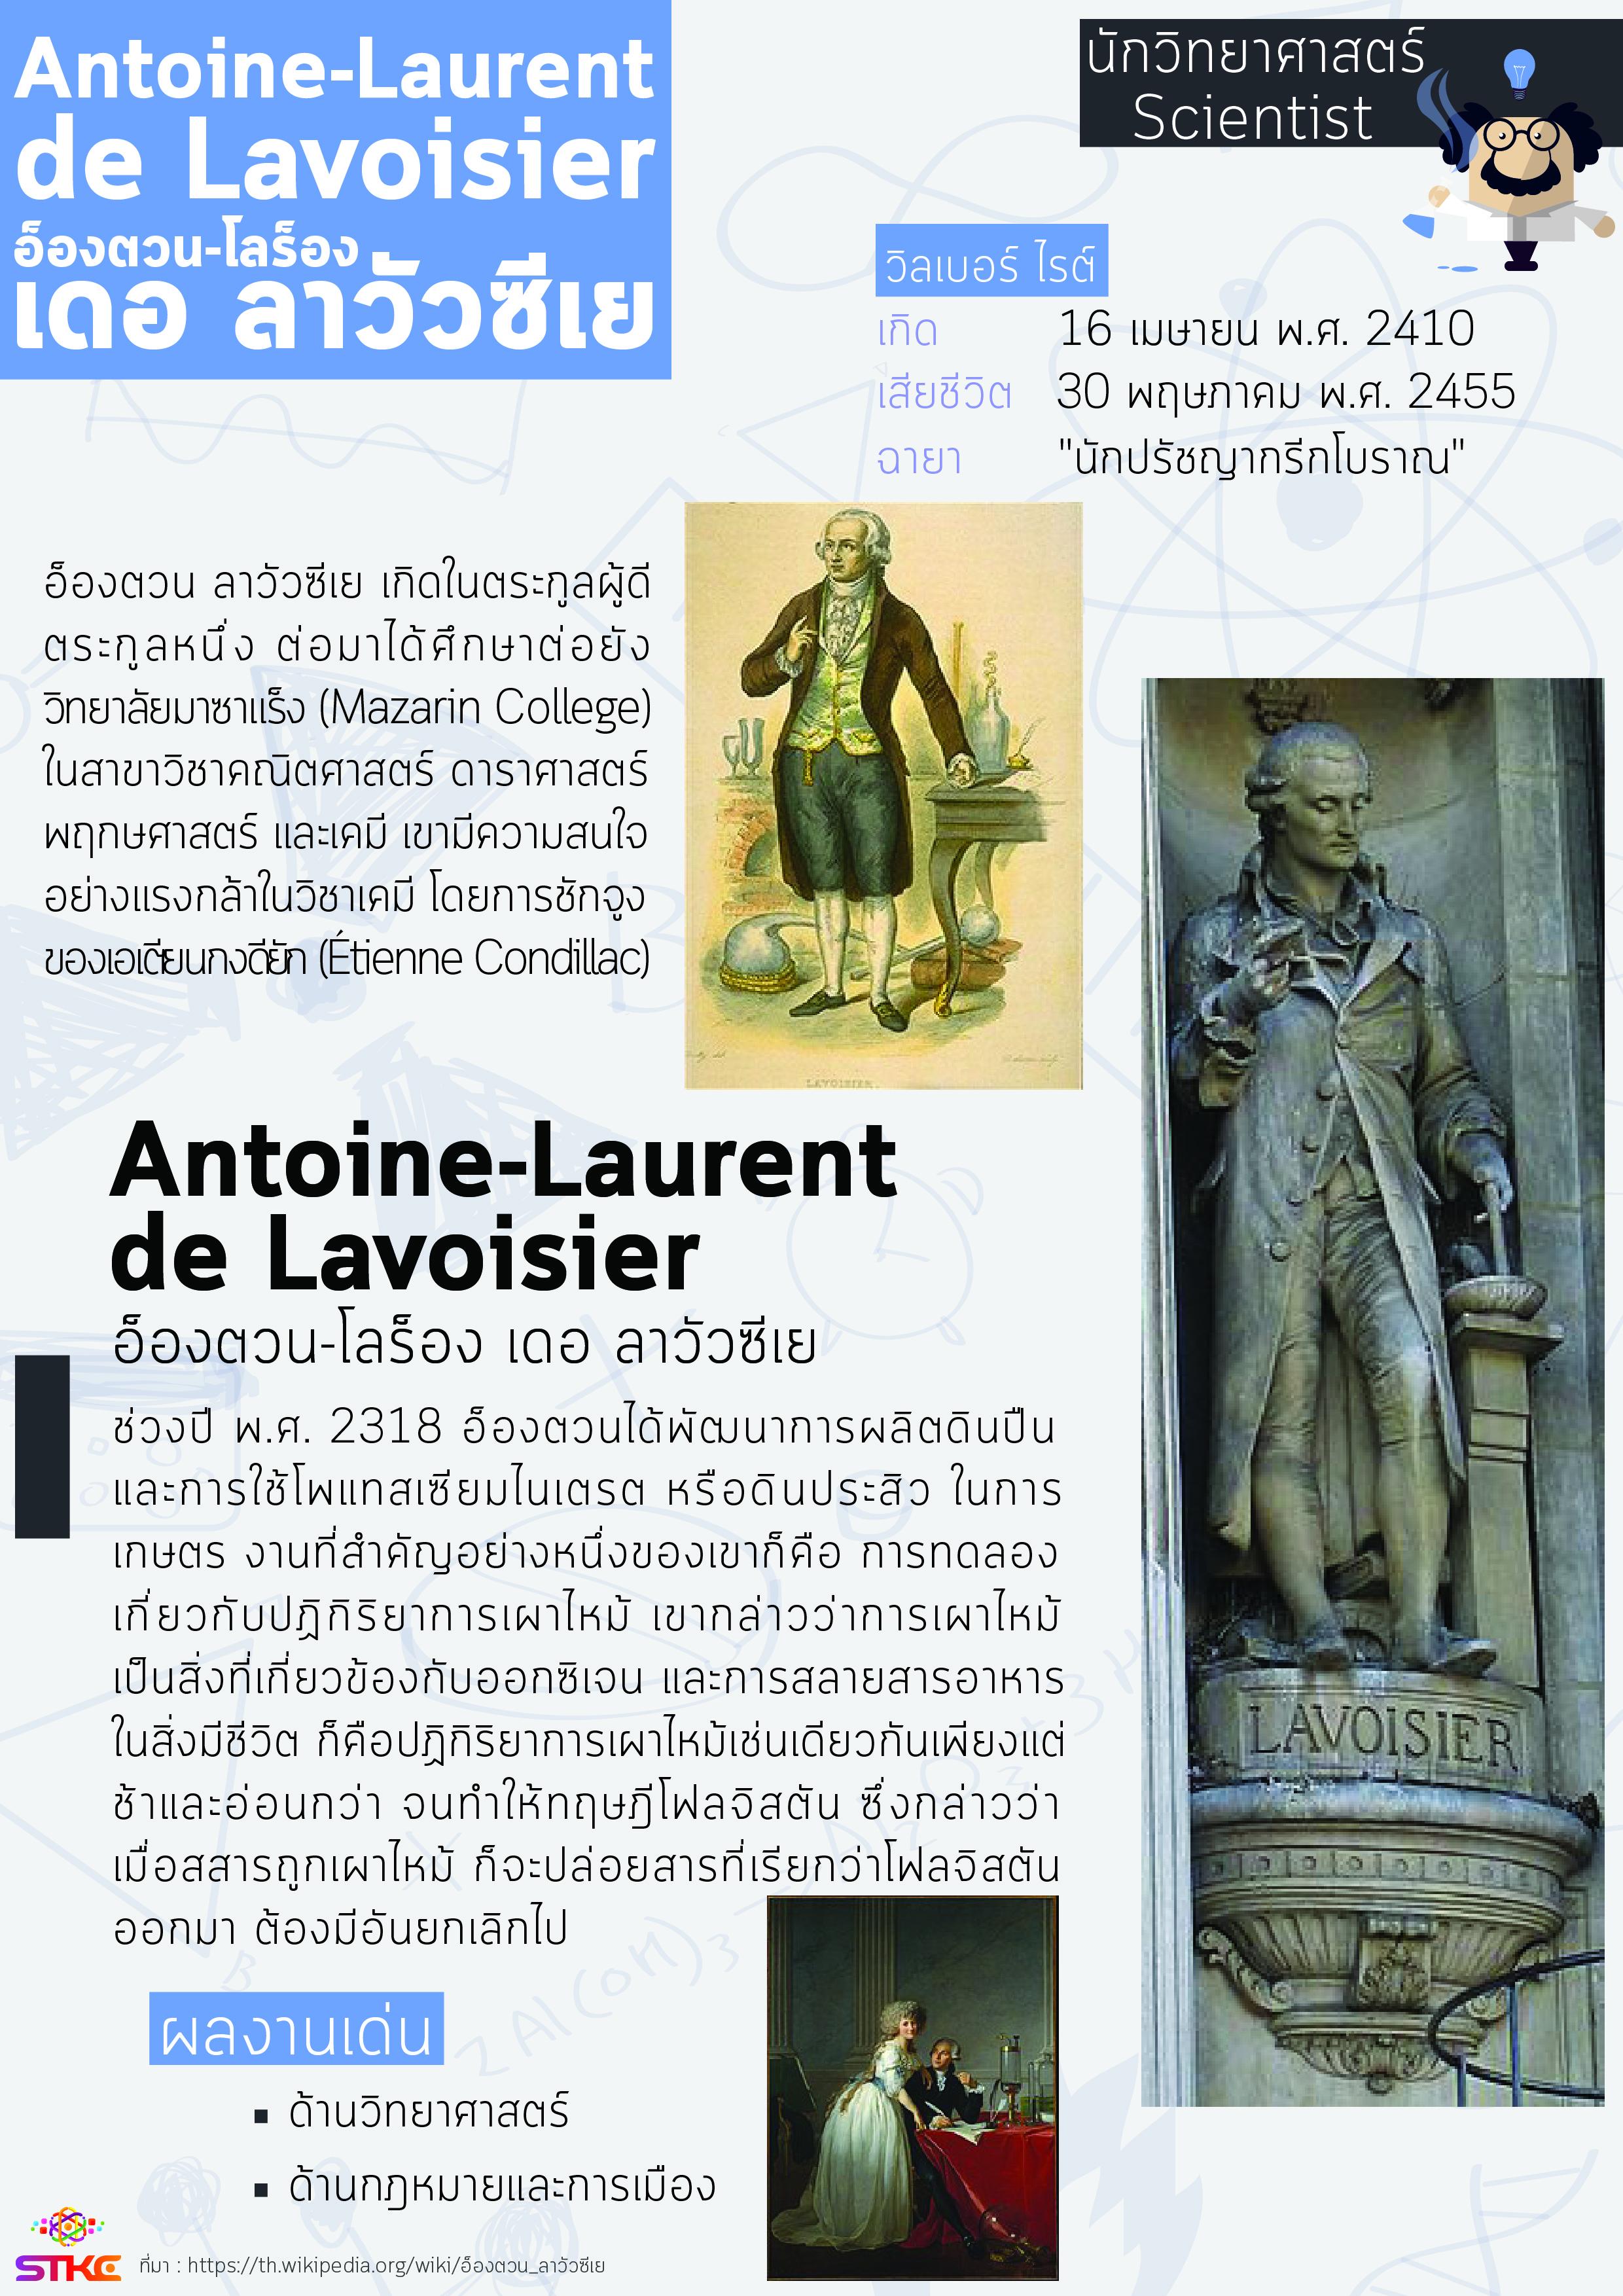 นักวิทยาศาสตร์ อ็องตวน ลาวัวซีเย (Antoine-Laurent de Lavoisier)